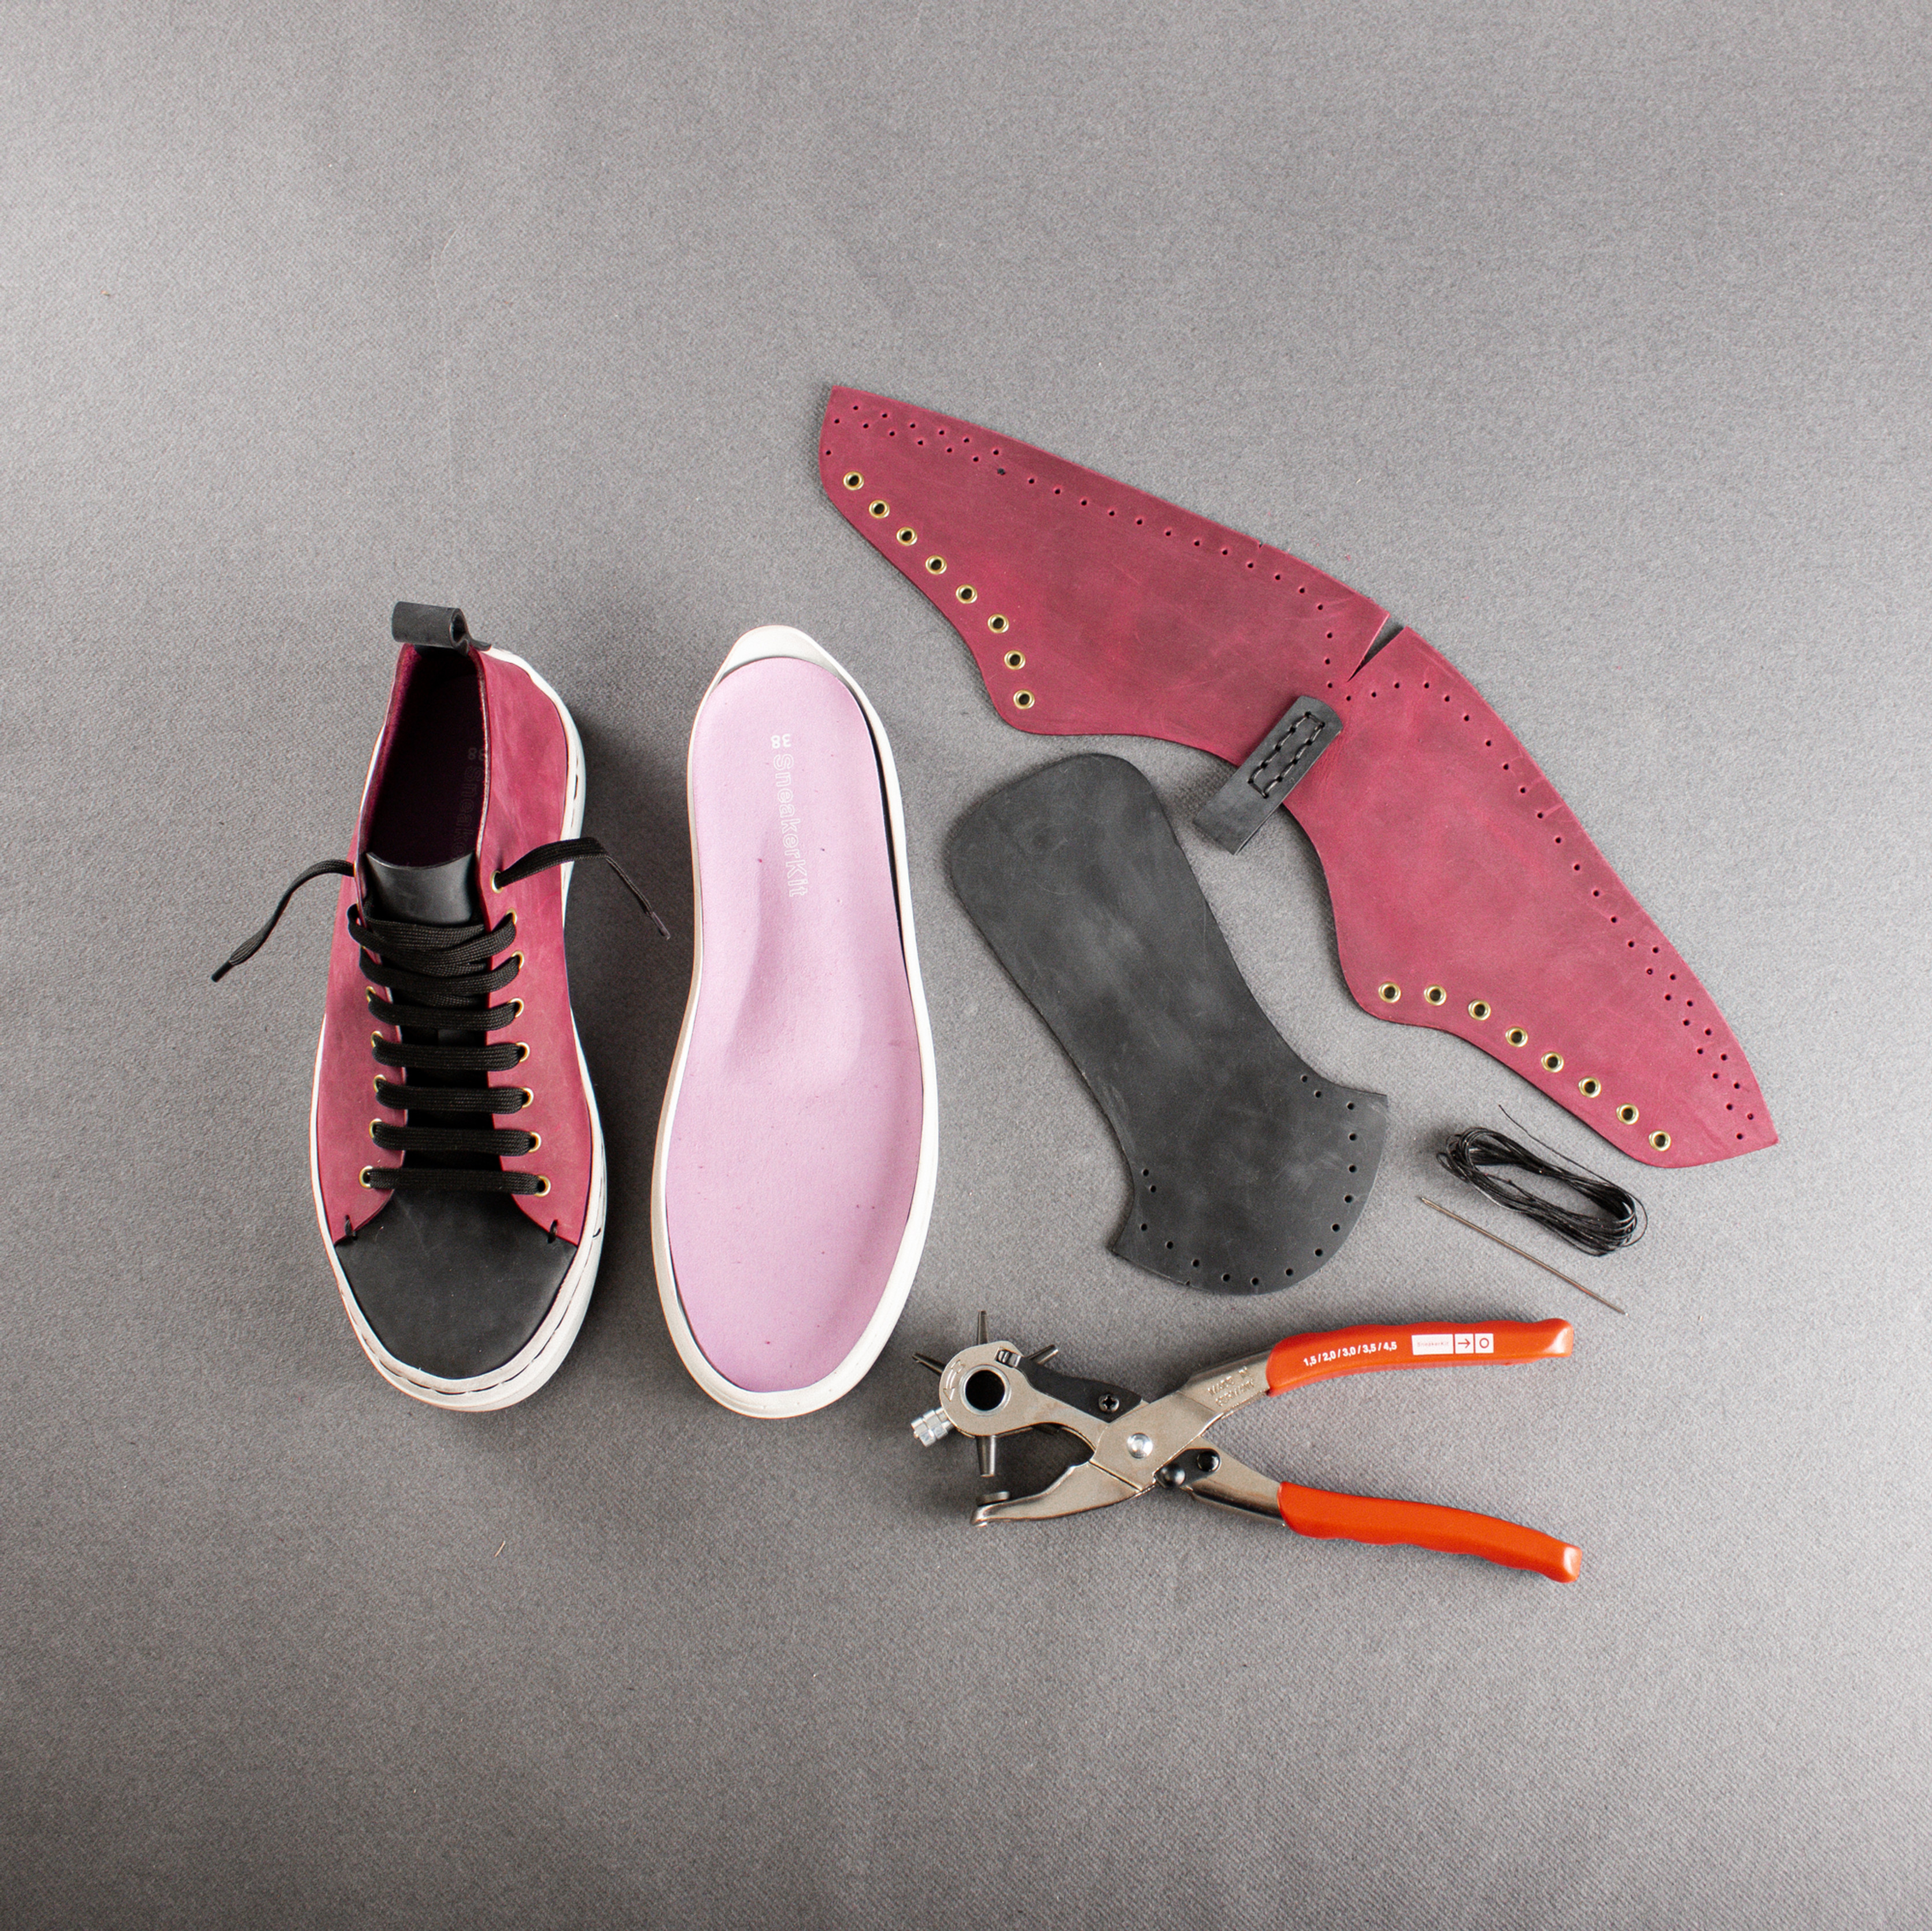 Sneakers Workshop en 1 journée